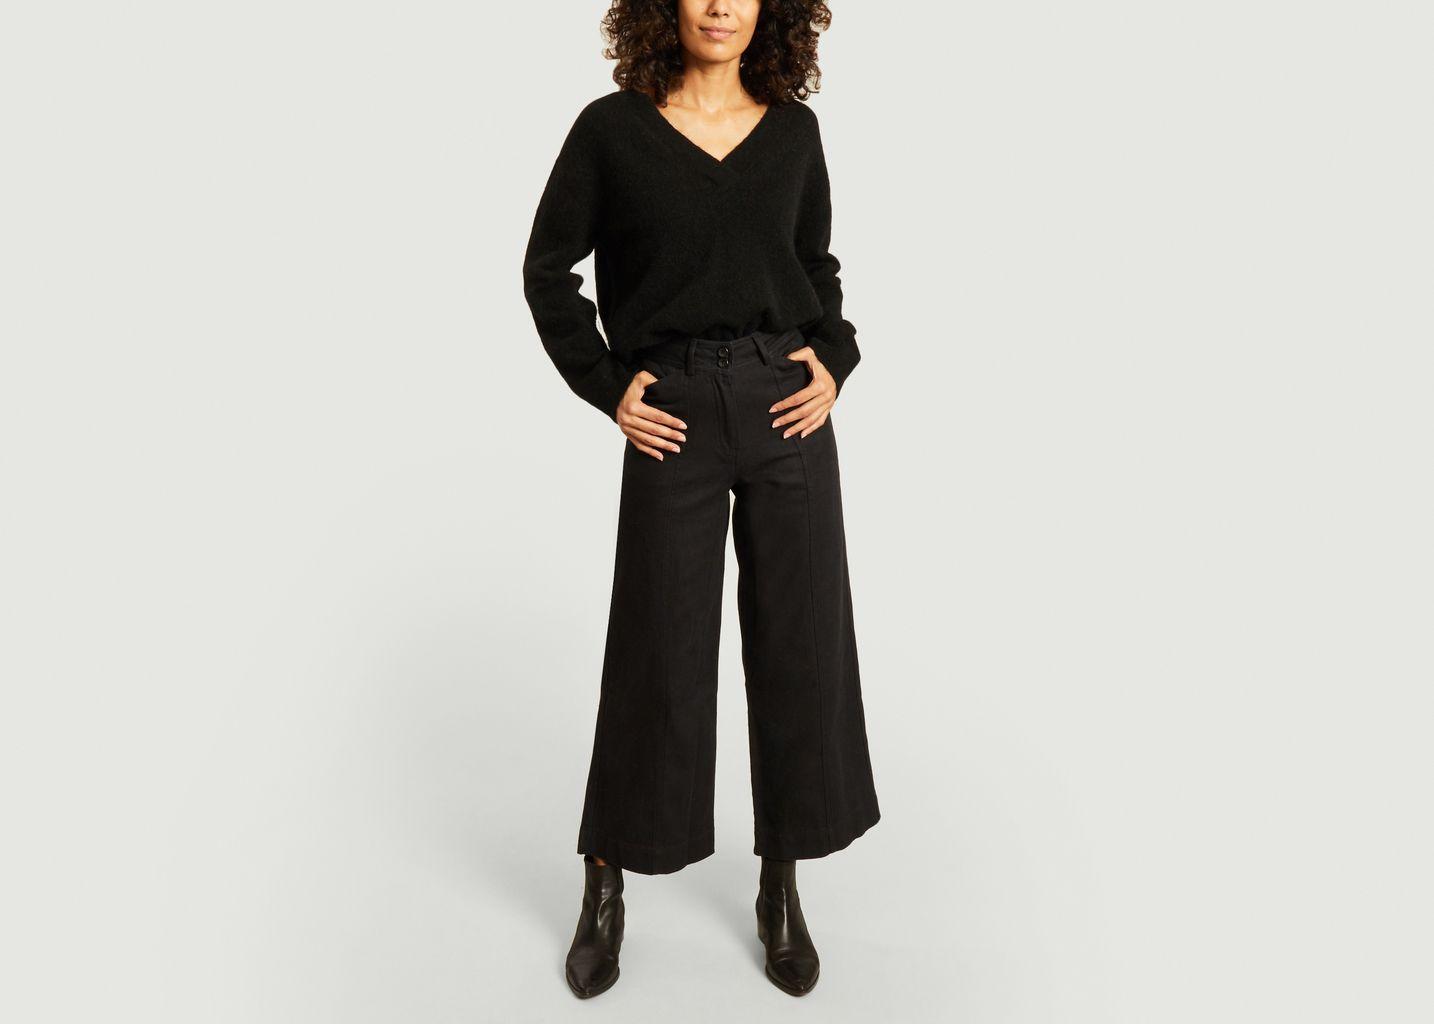 Pantalon Kupalo en chanvre  - Thinking Mu